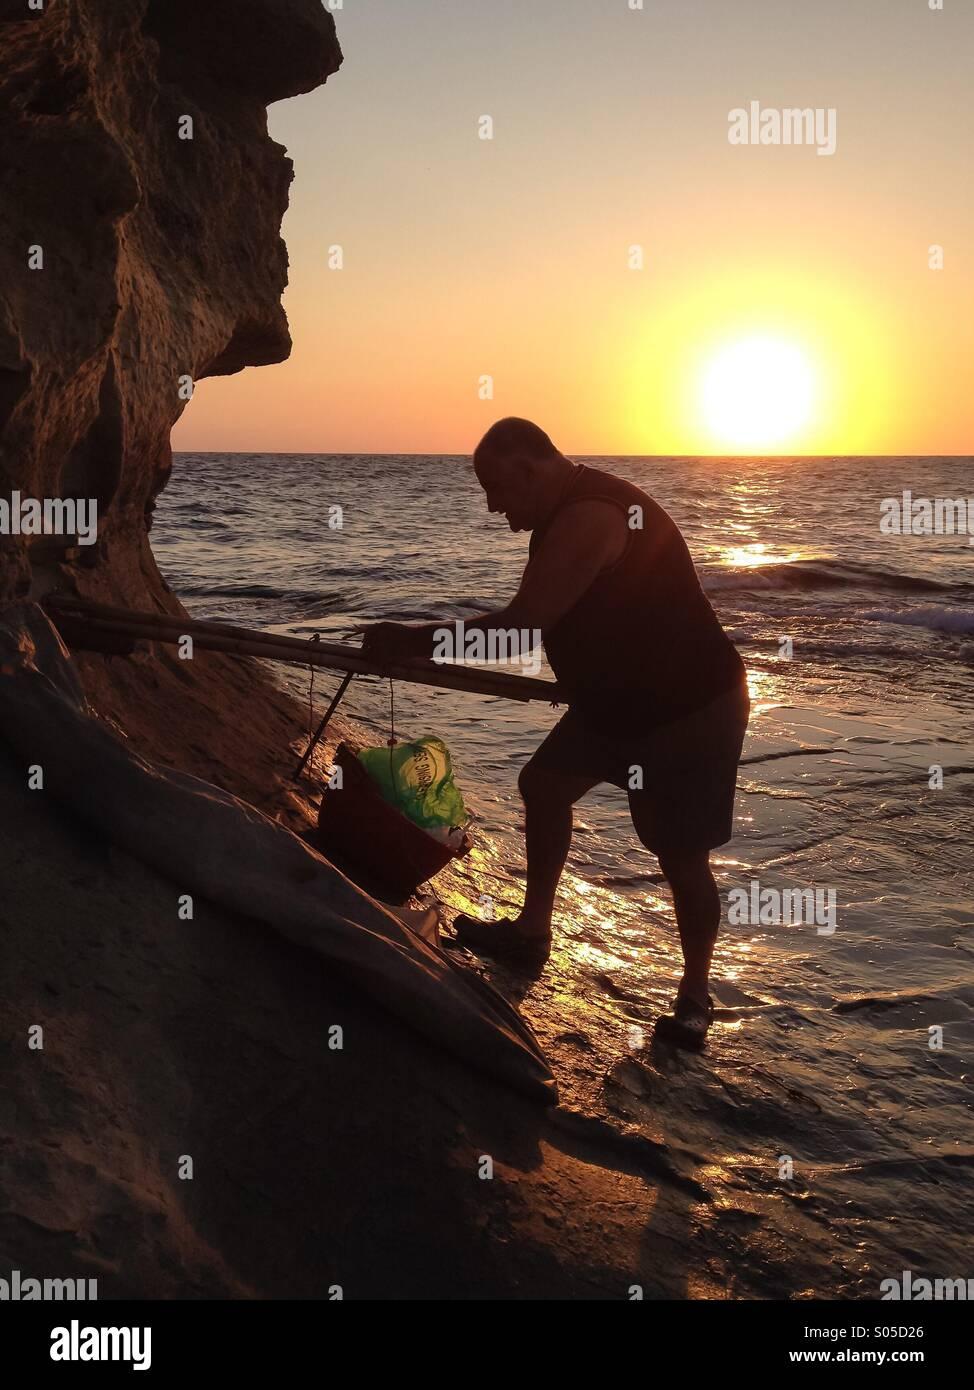 La préparation de la voile et de flottement de pêcheur à l'aube Photo Stock